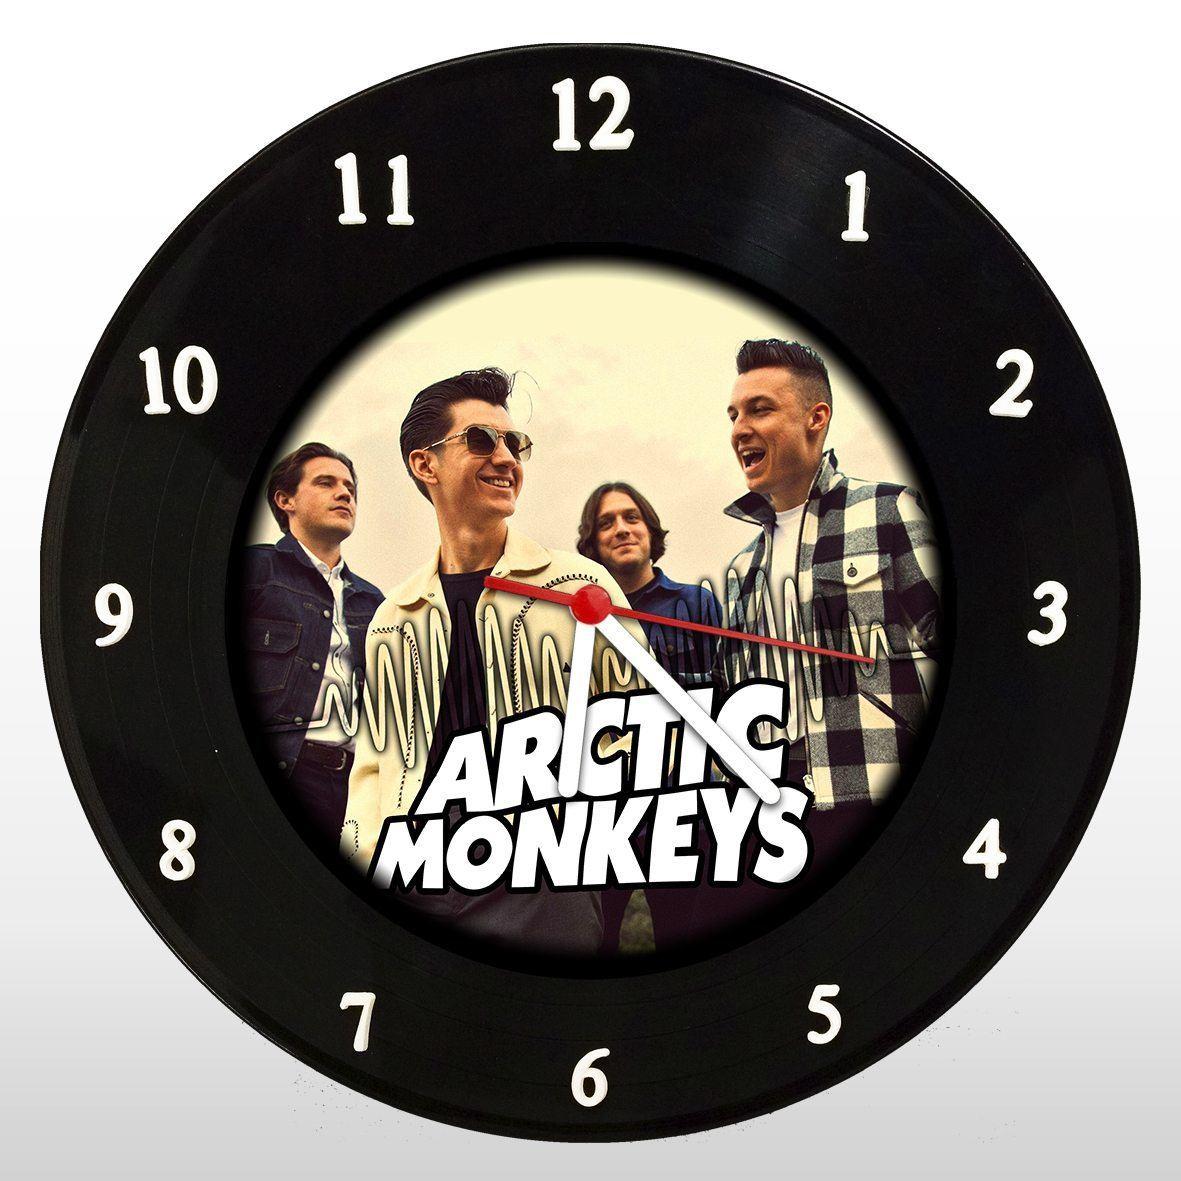 Artict Monkeys - Relógio de Parede em Disco de Vinil - Mr. Rock